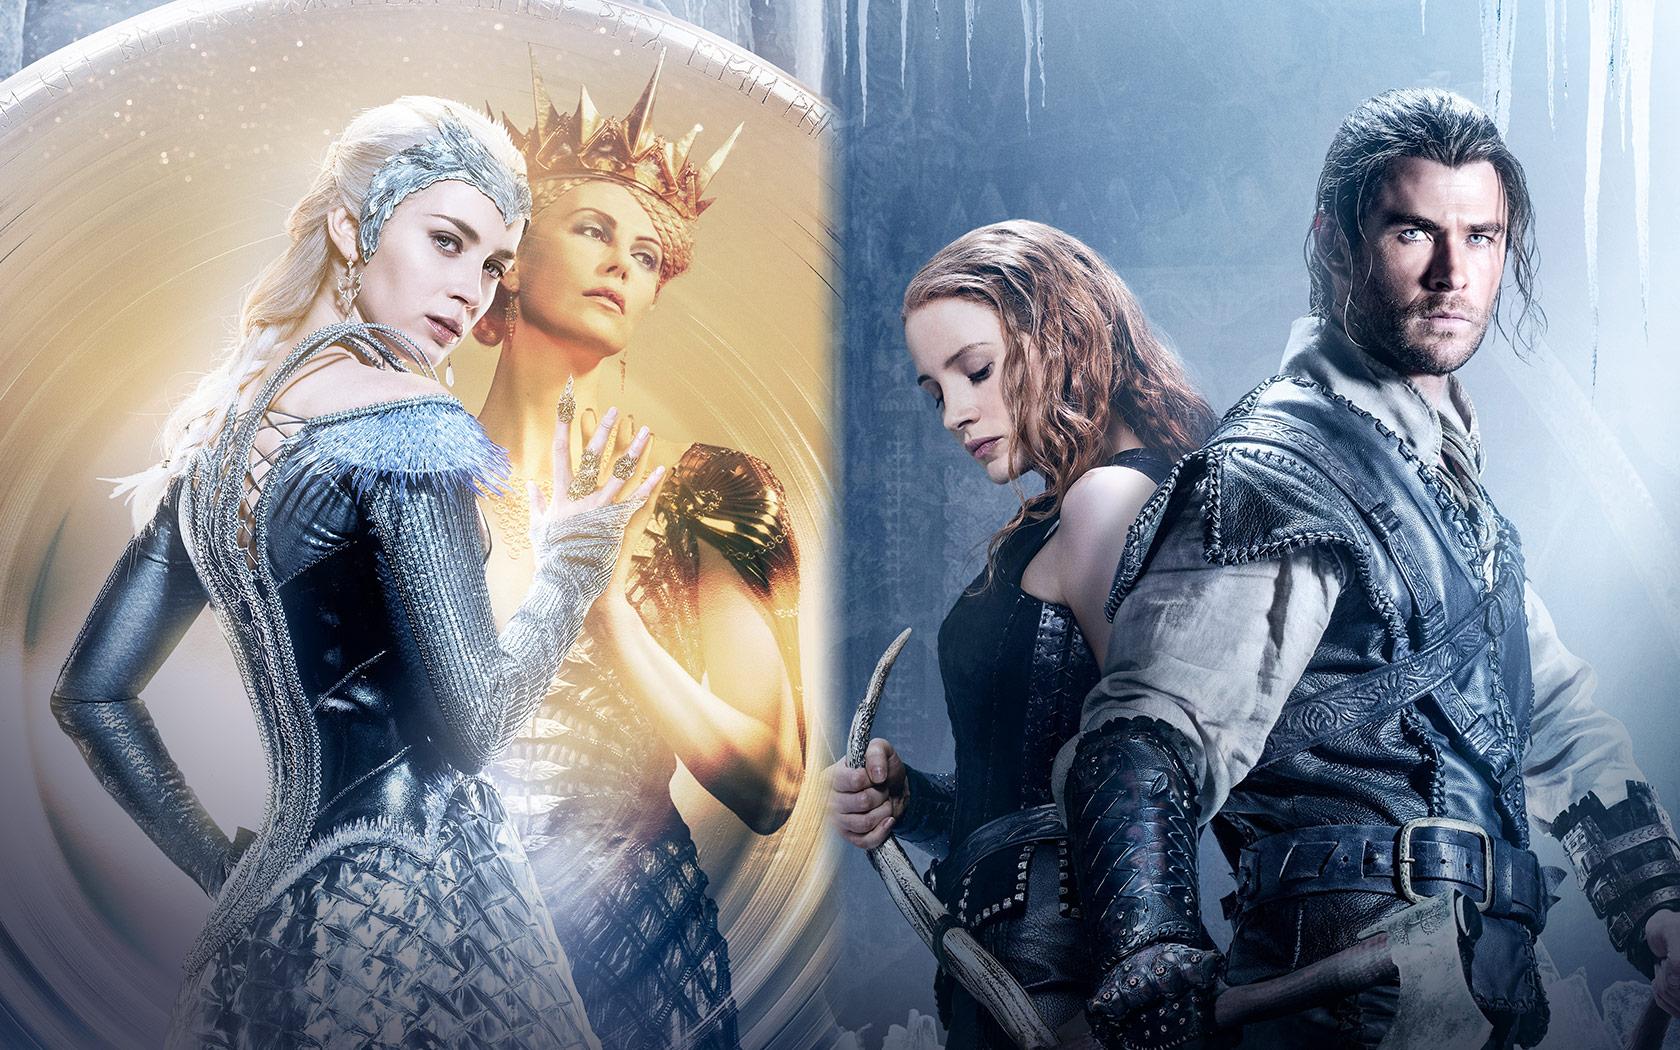 """... tendrá esta secuela y ya han lanzado los primeros pósters de la  película, un tráiler y la primera sinopsis oficial. """"El Cazador y la reina  del hielo"""" ..."""